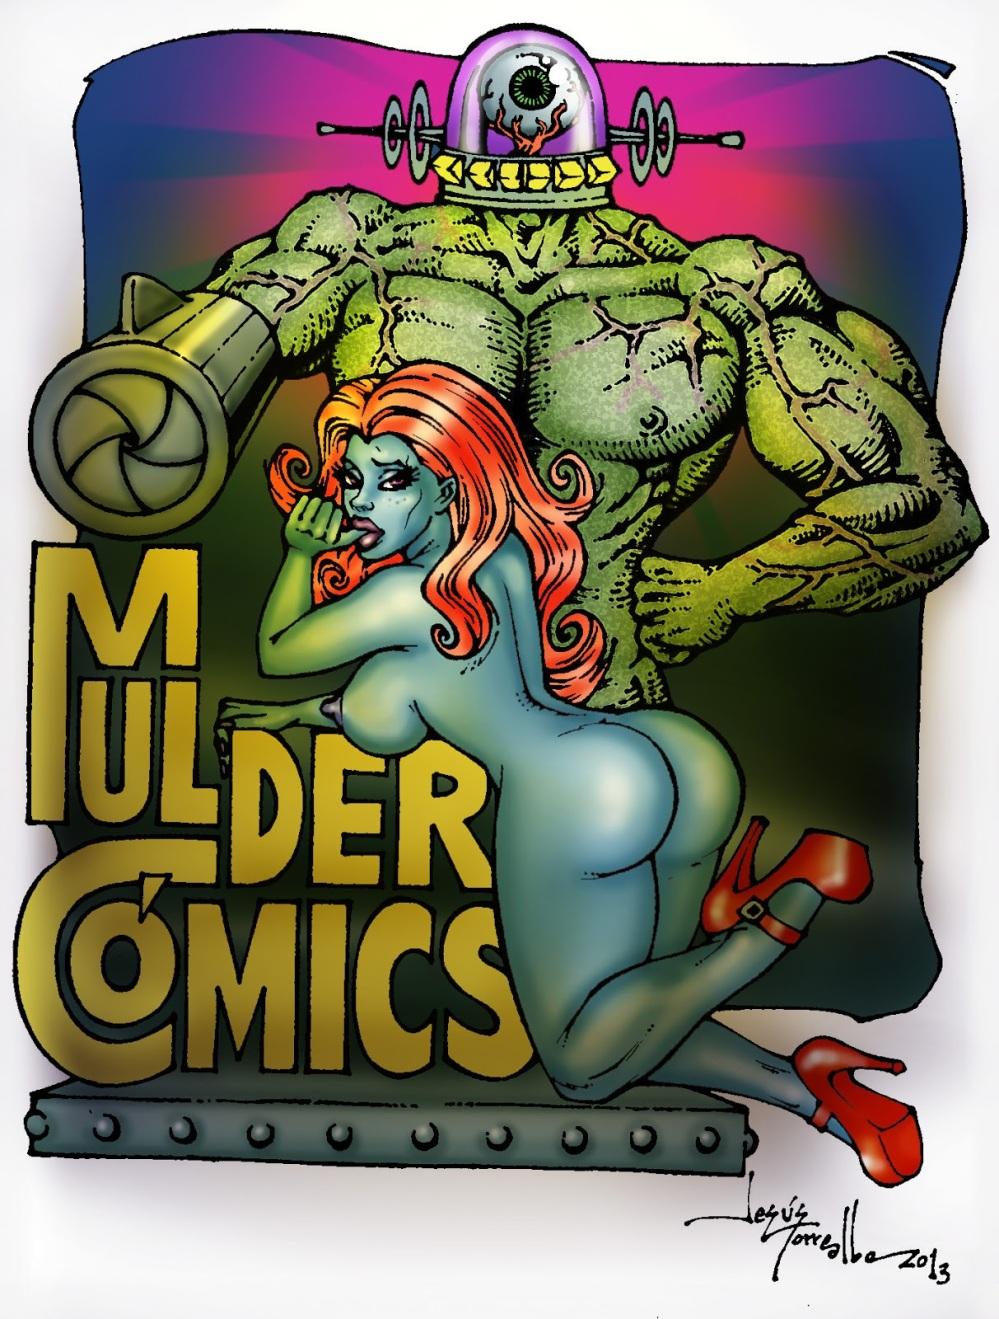 Muldercomics2013-color